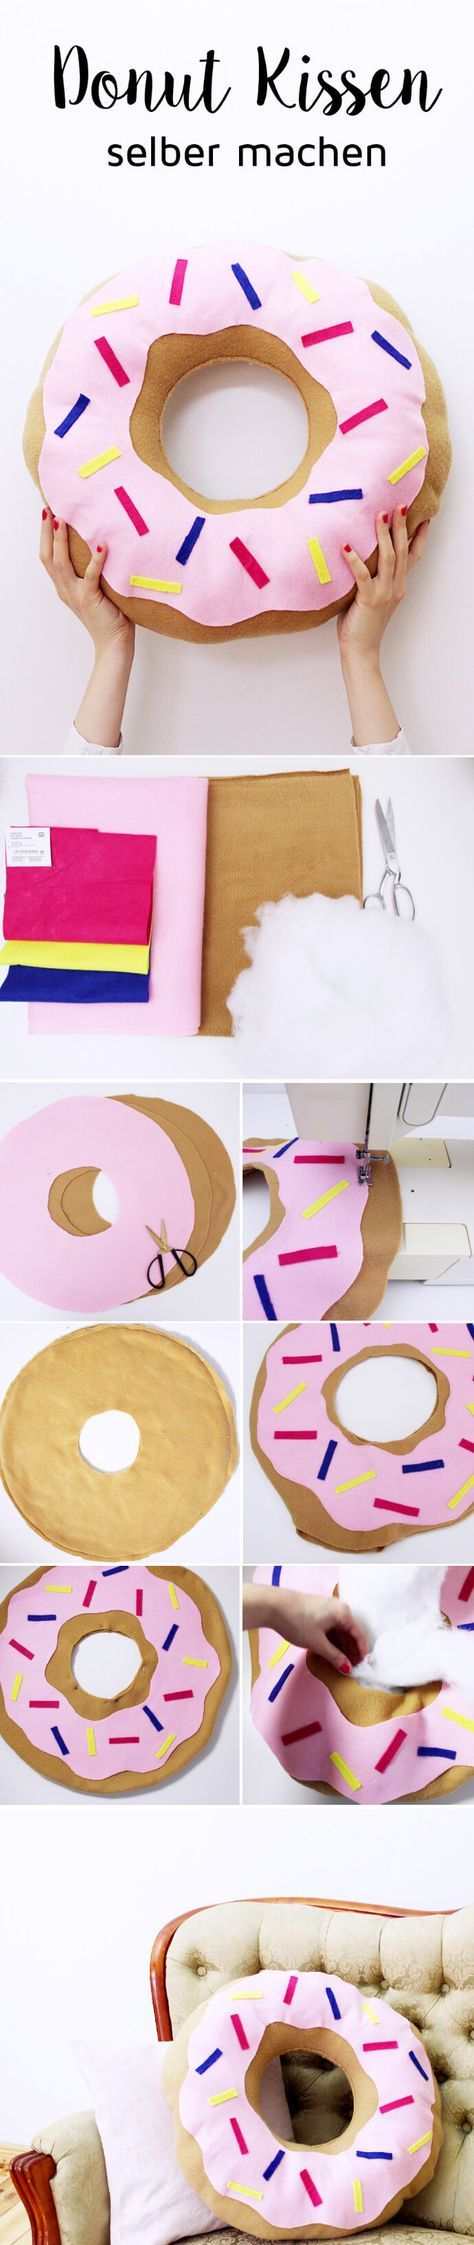 DIY Donut Kissen selber machen: Variante mit und ohne Nähen! – Stephanie